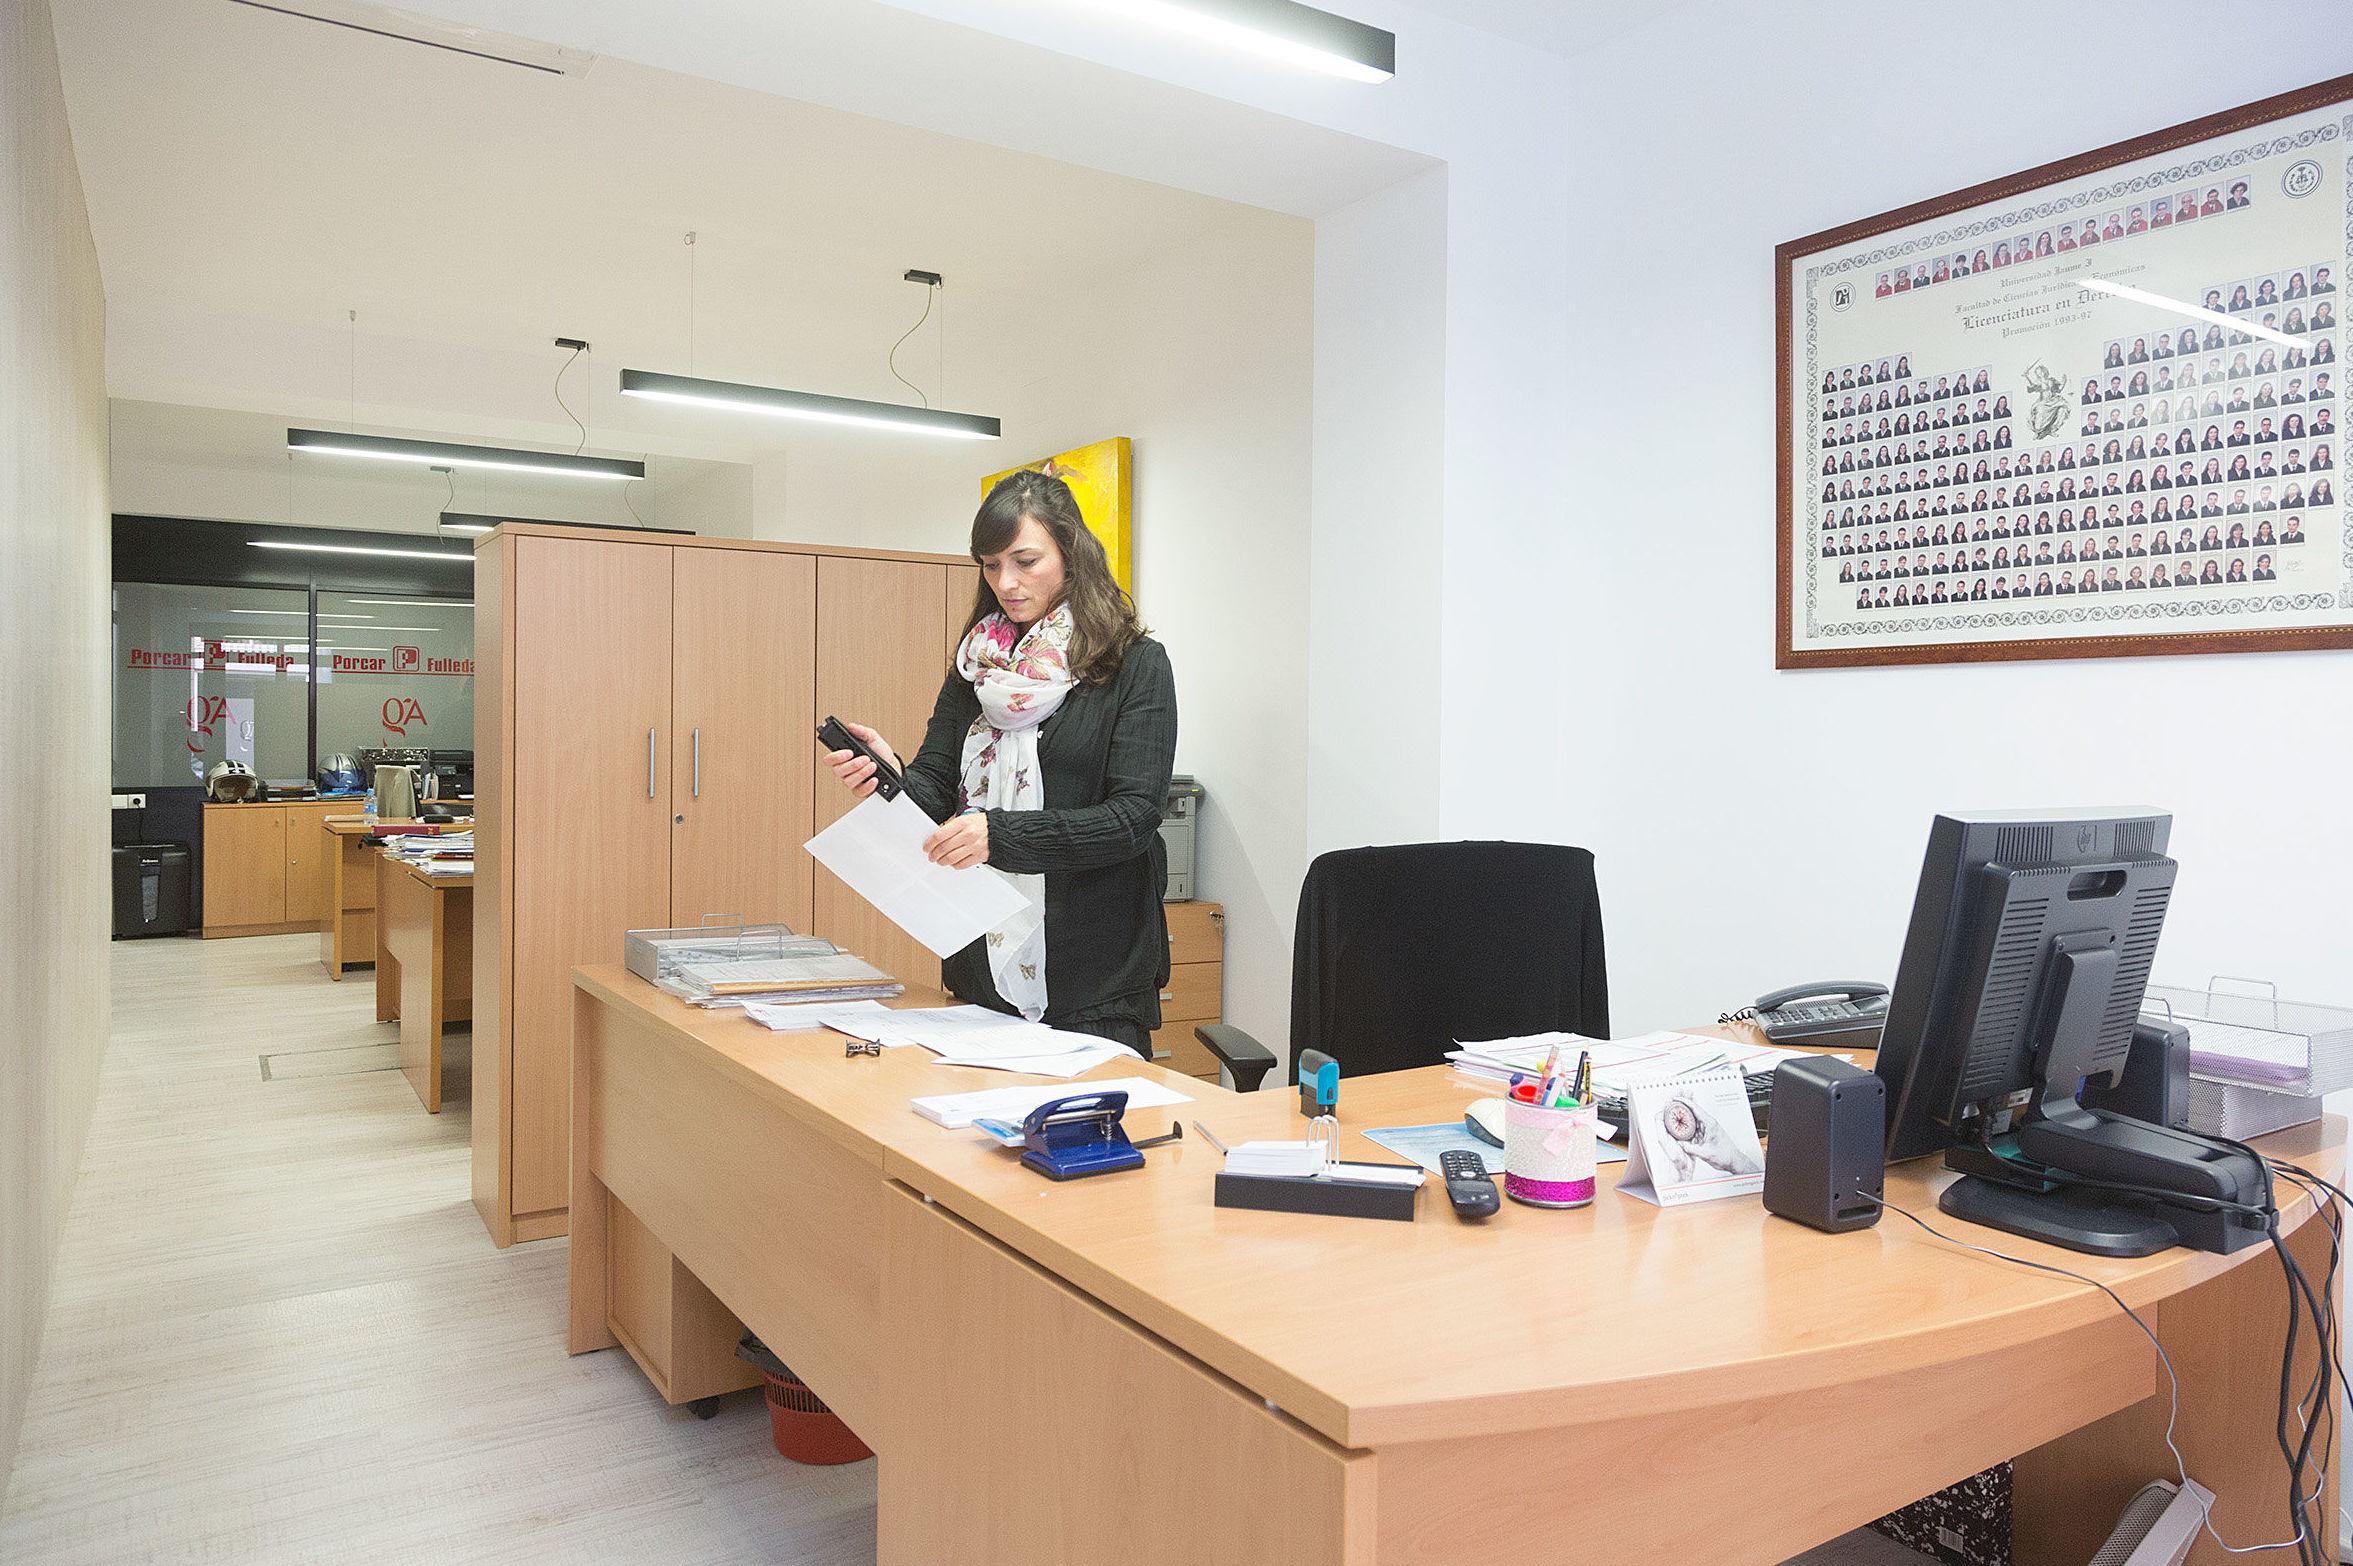 Foto 12 de Gestorías administrativas en Castellón / Castelló de La Plana | Gestors Associats Porcar Fulleda